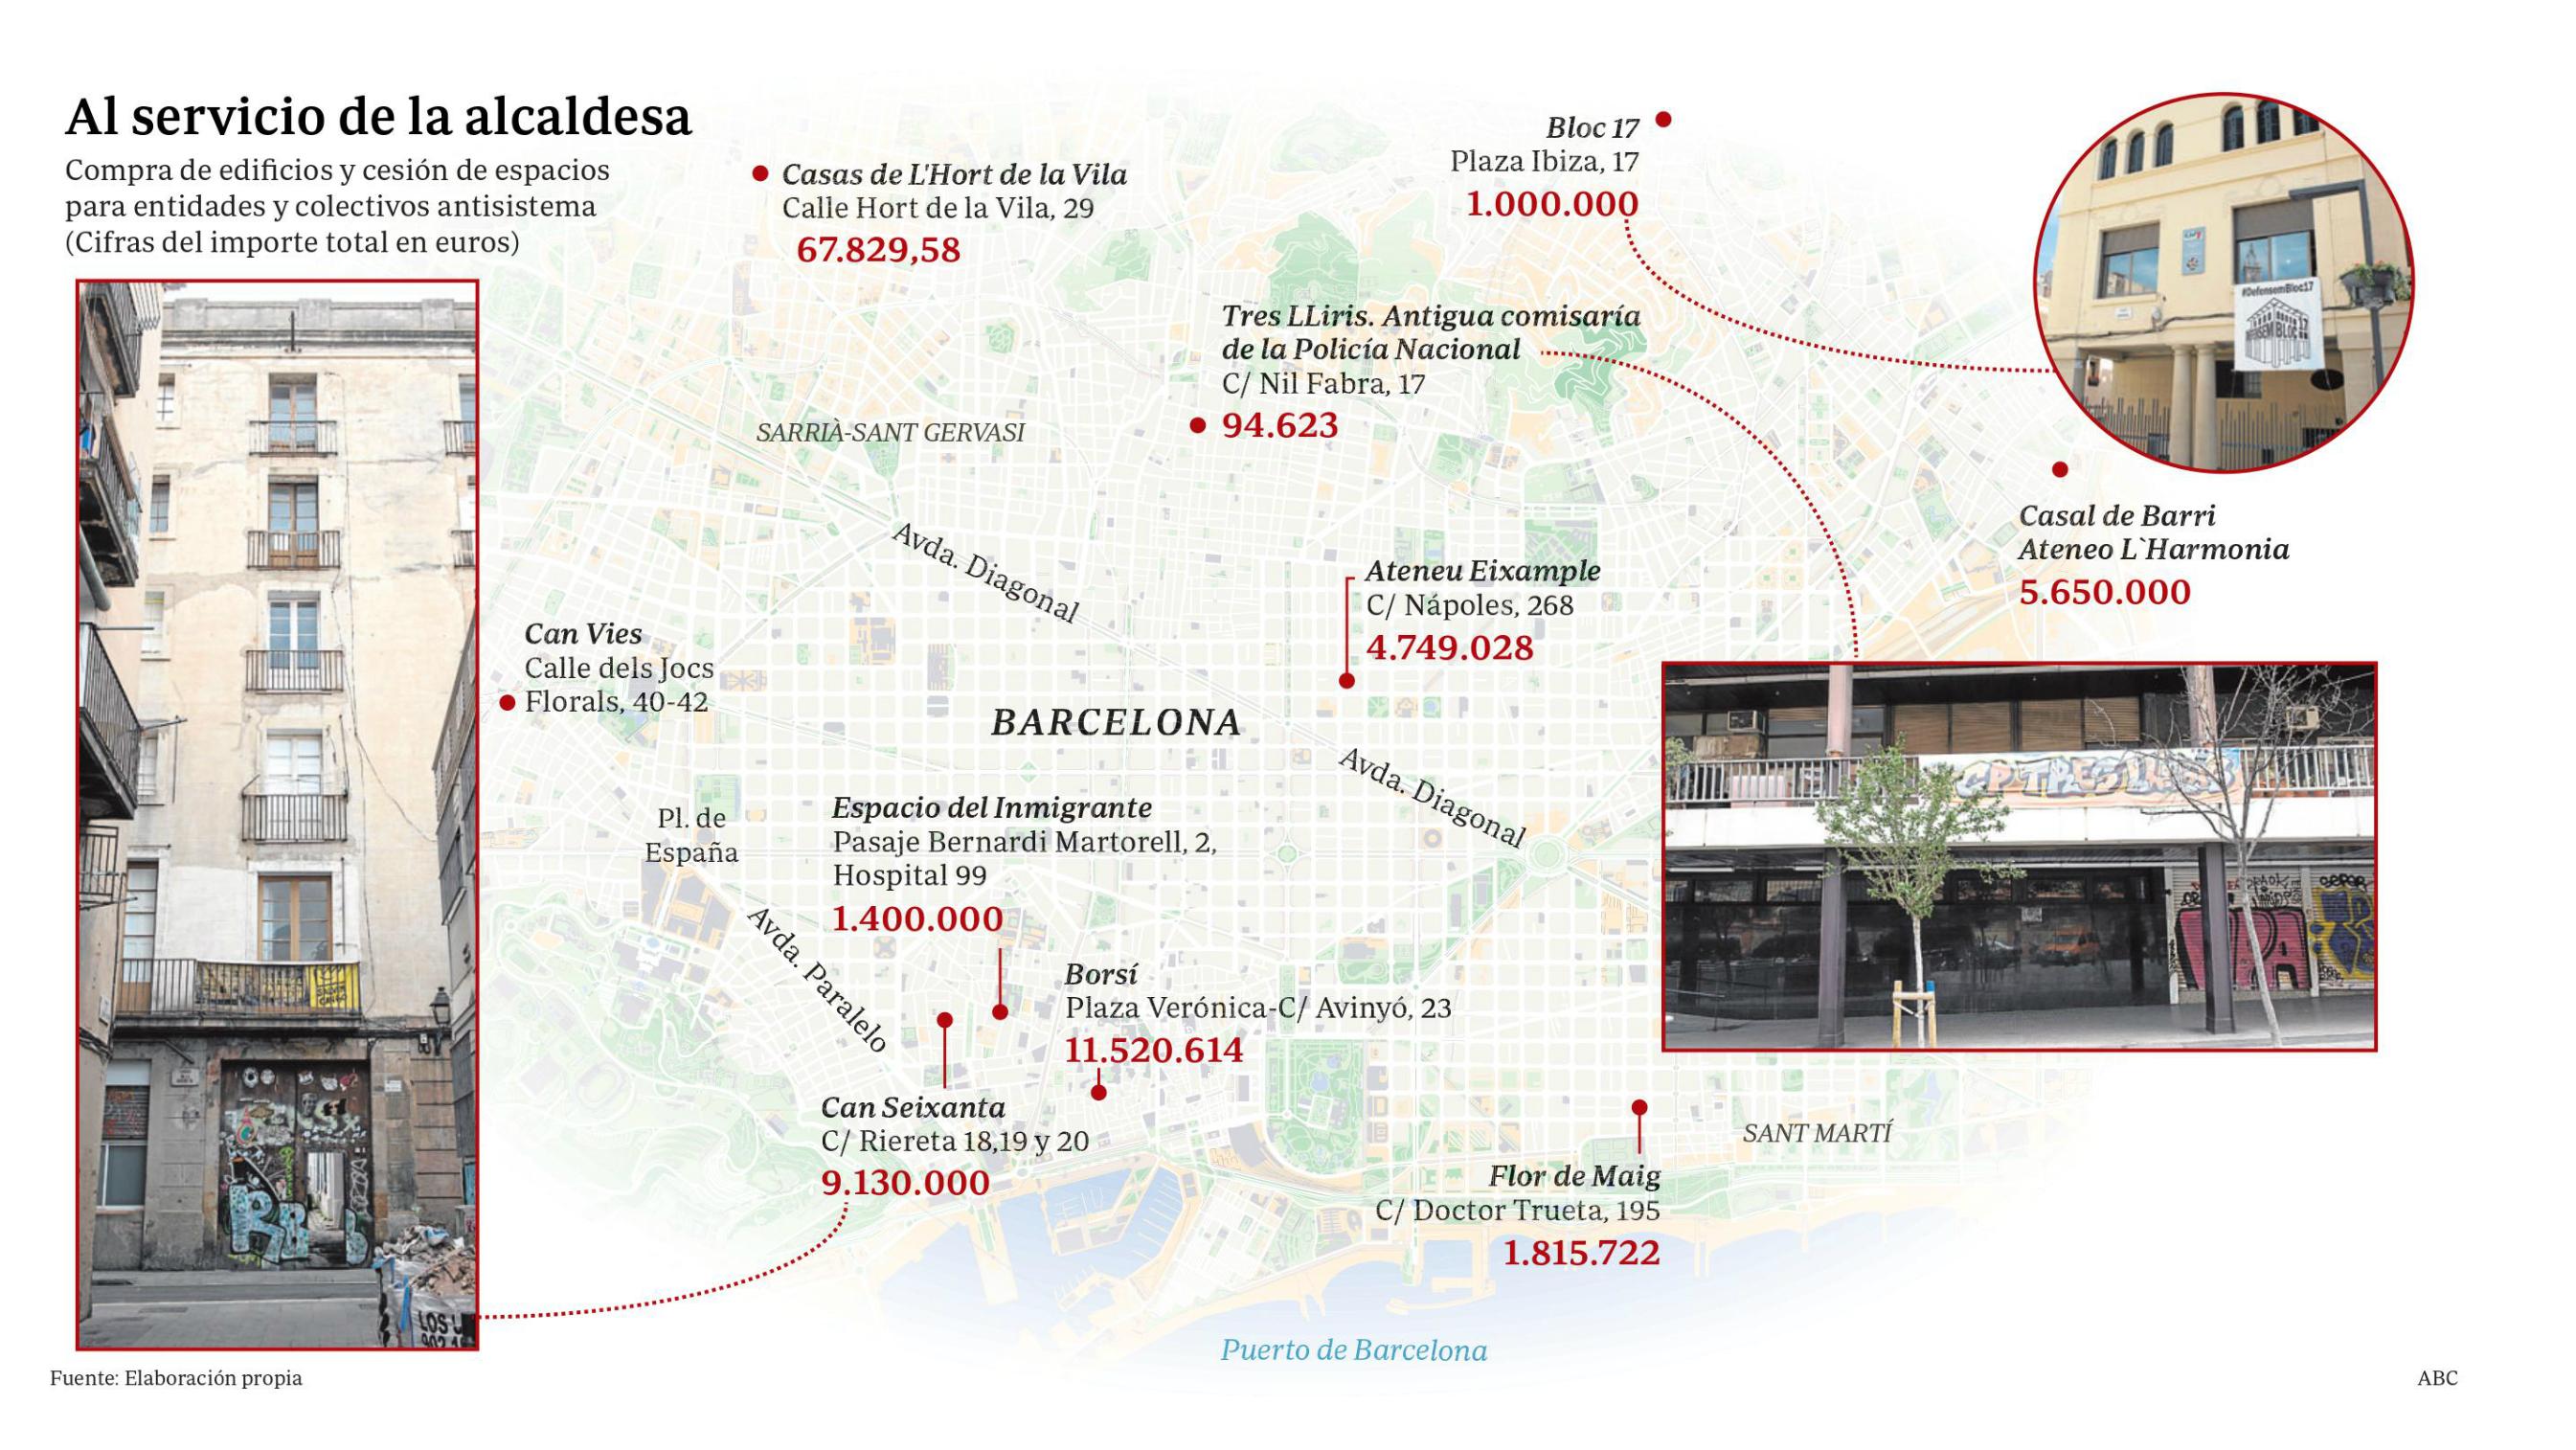 Compra y cesión de espacios para coletivos antisistema